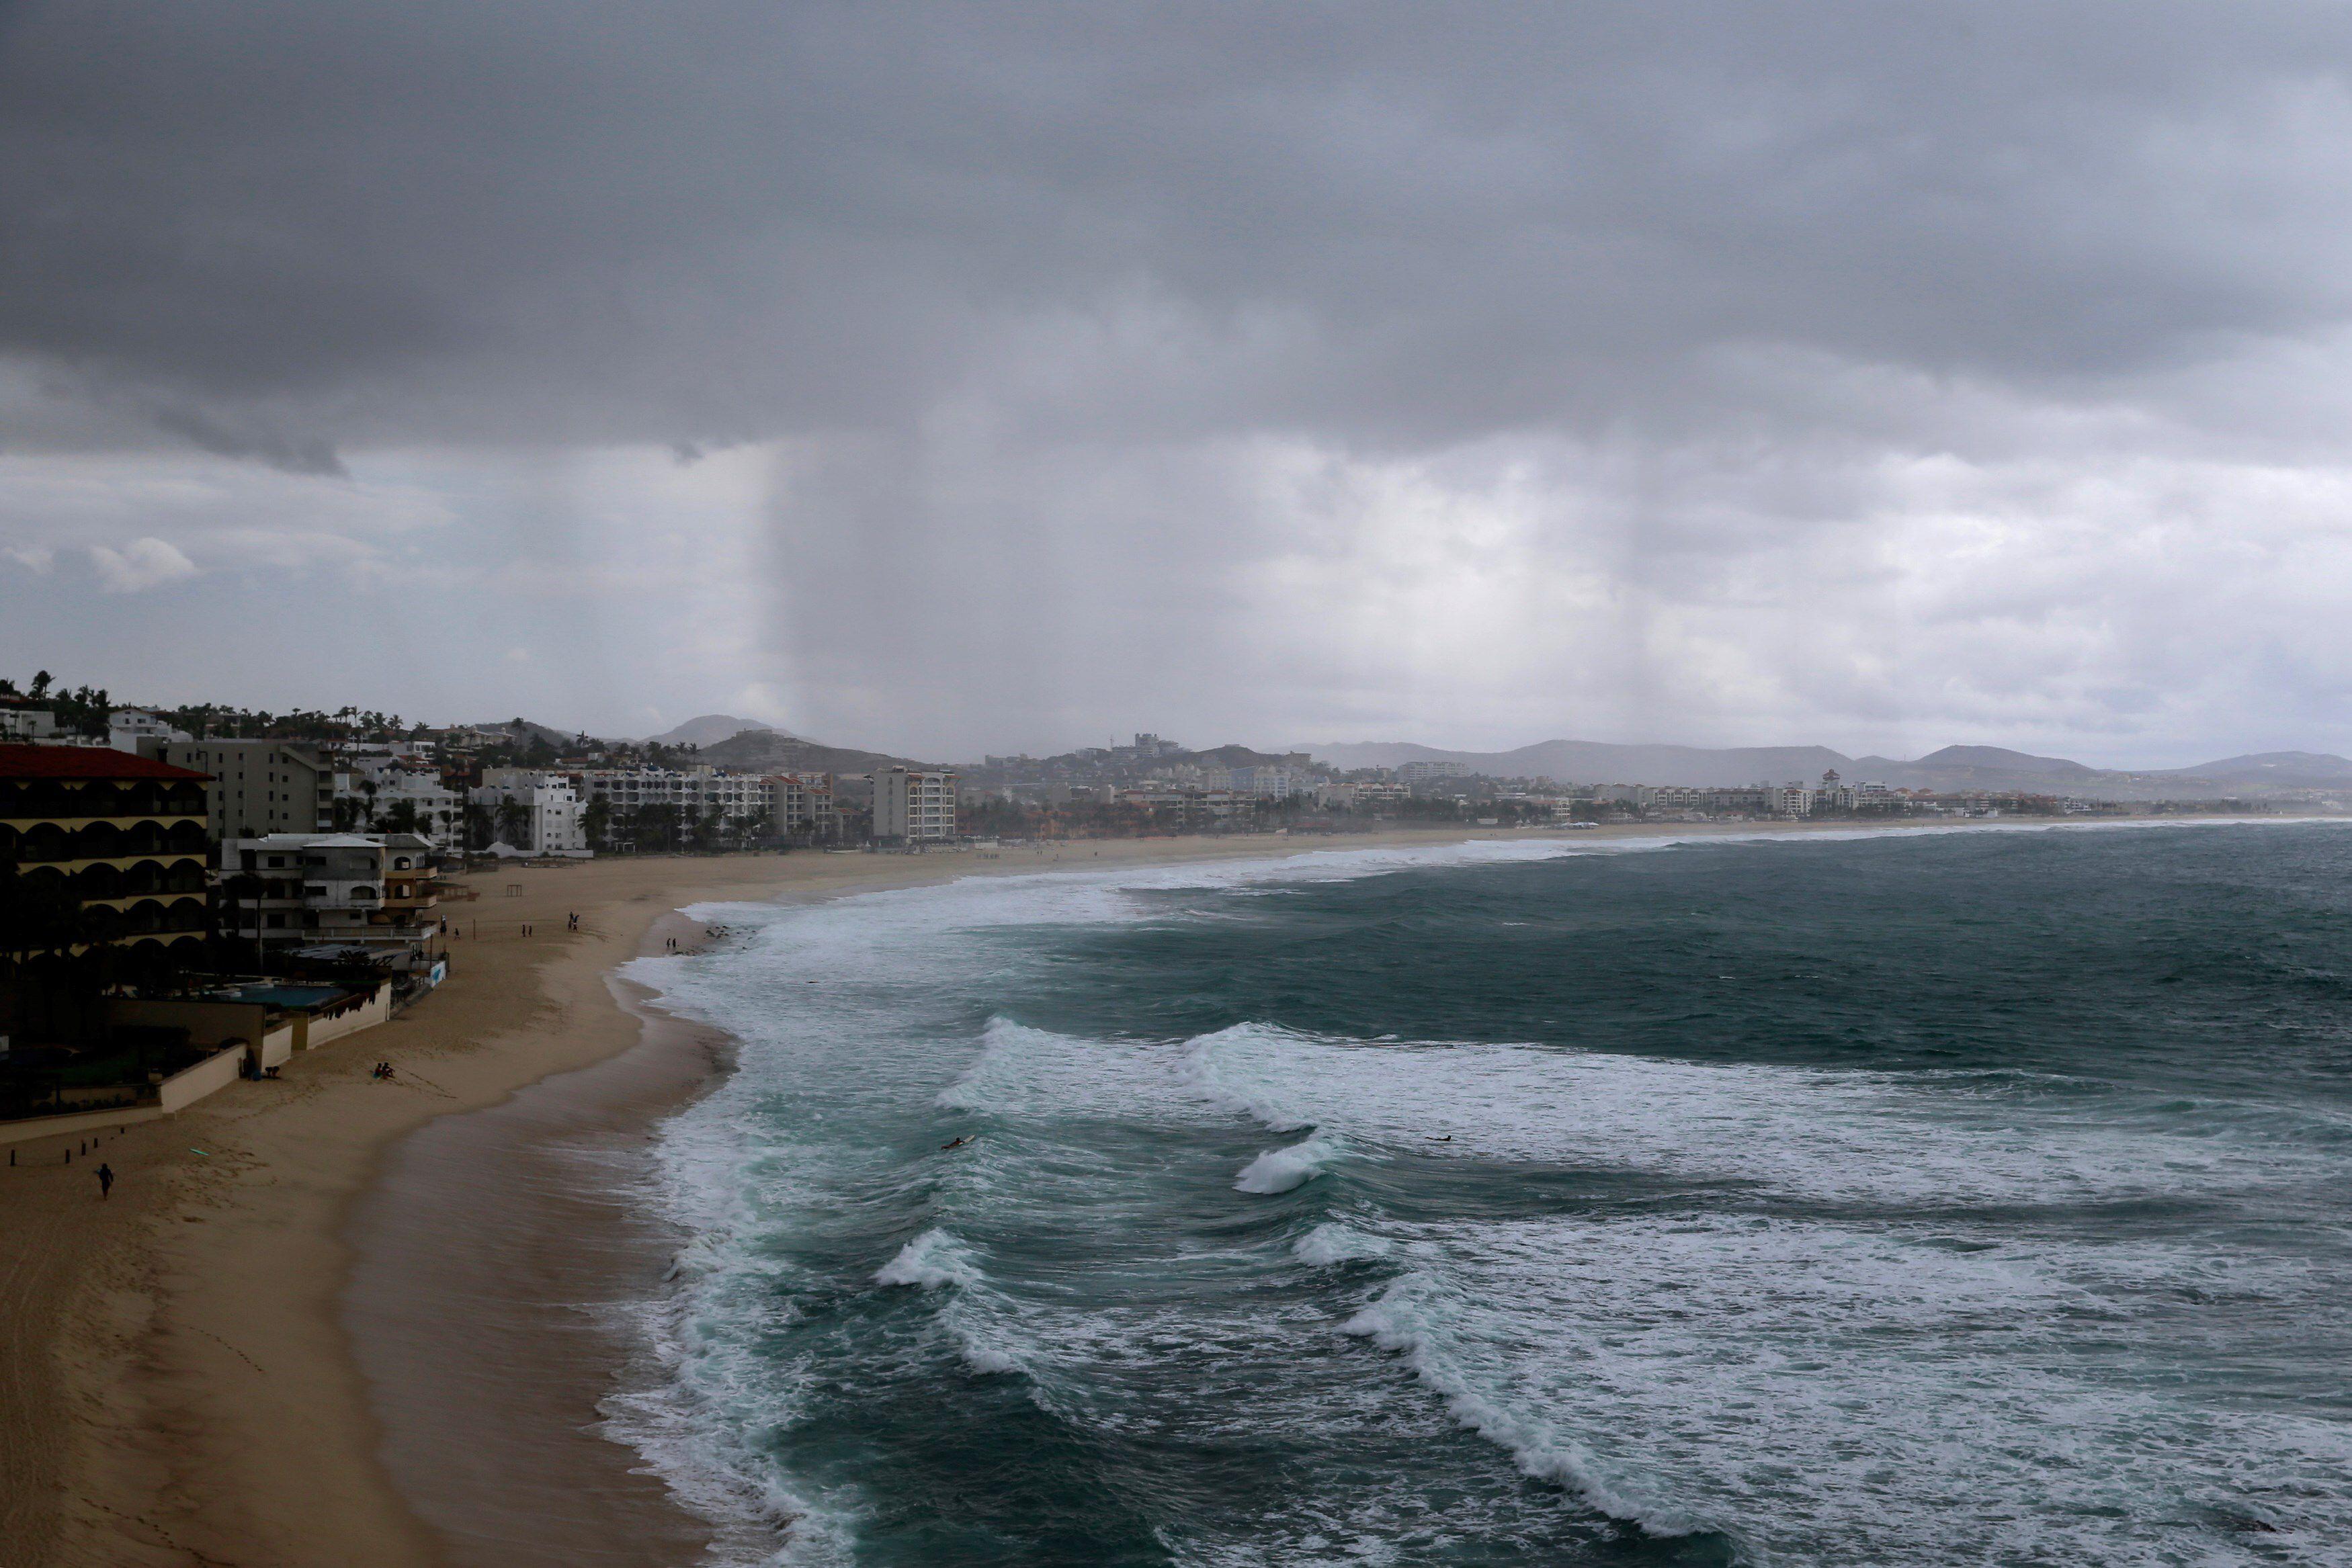 El ciclón tropical también generará vientos fuertes con rachas de 70 a 90 kilómetros por hora (km/h) EFE/Jorge Reyes